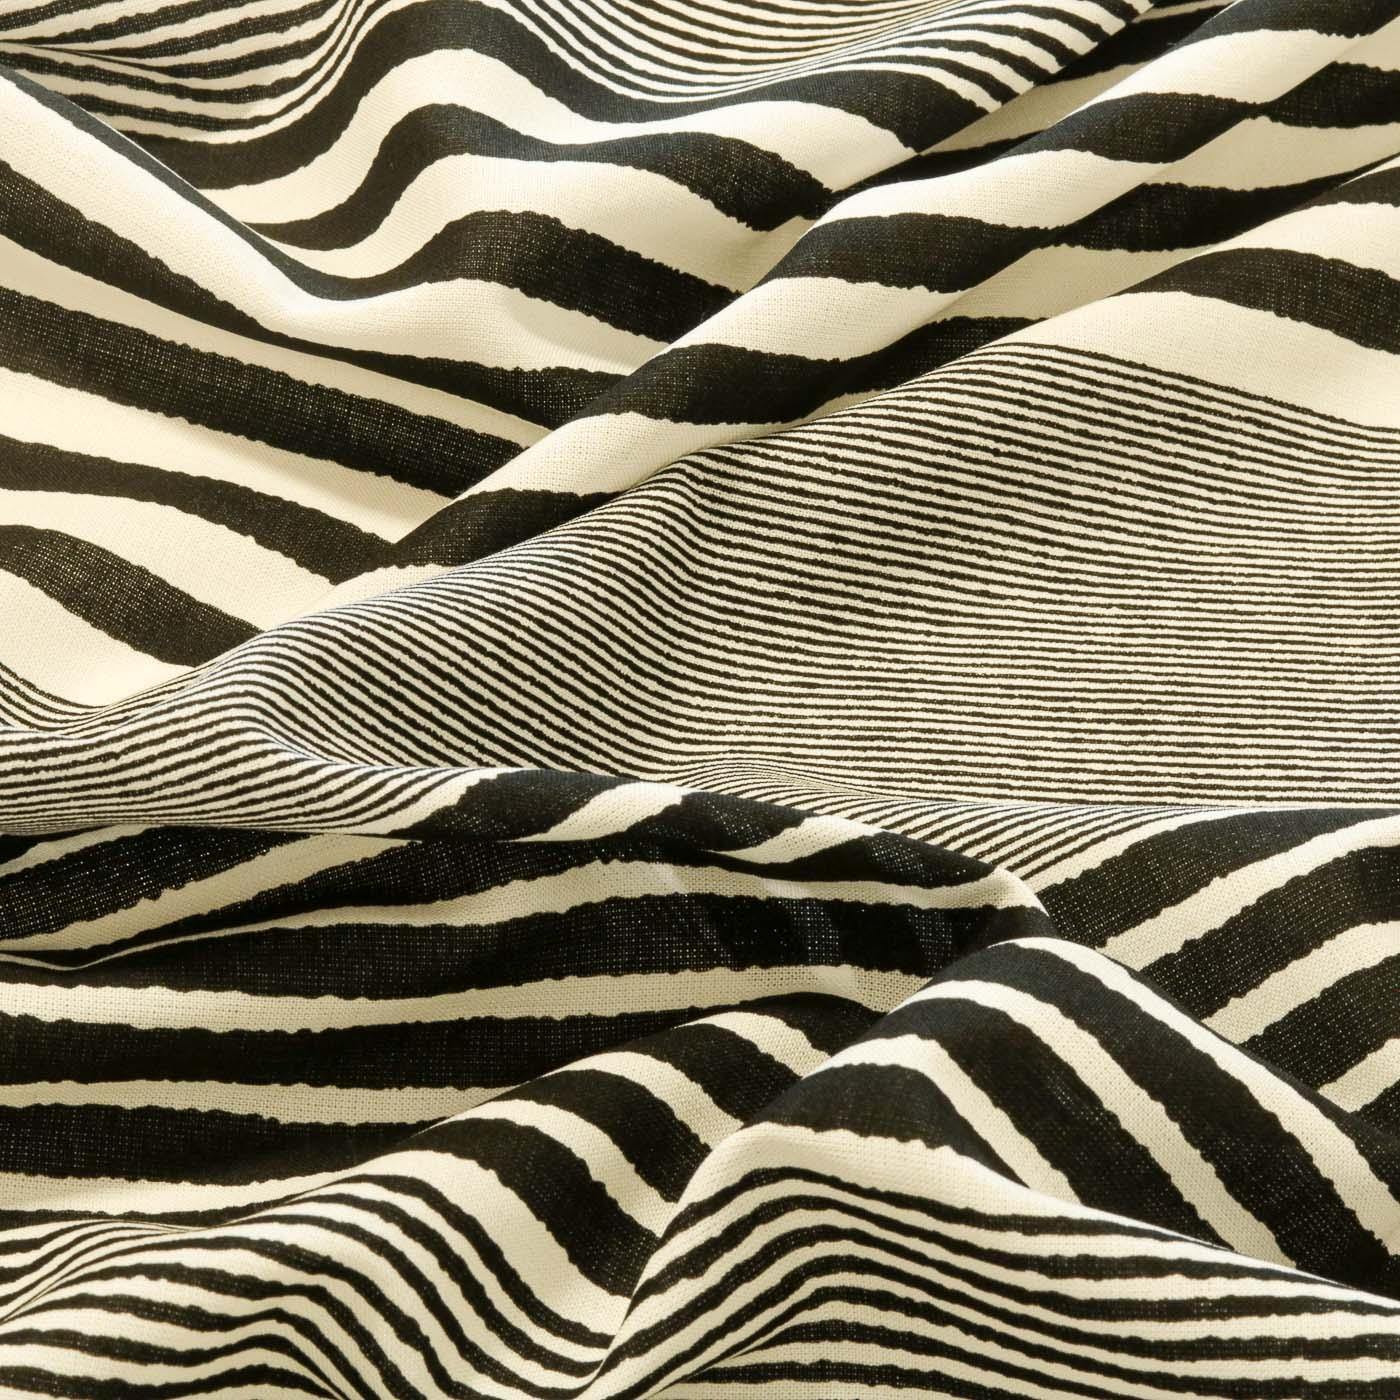 Tecido Viscose Listrado Estampado Listras Preto e Branco Off